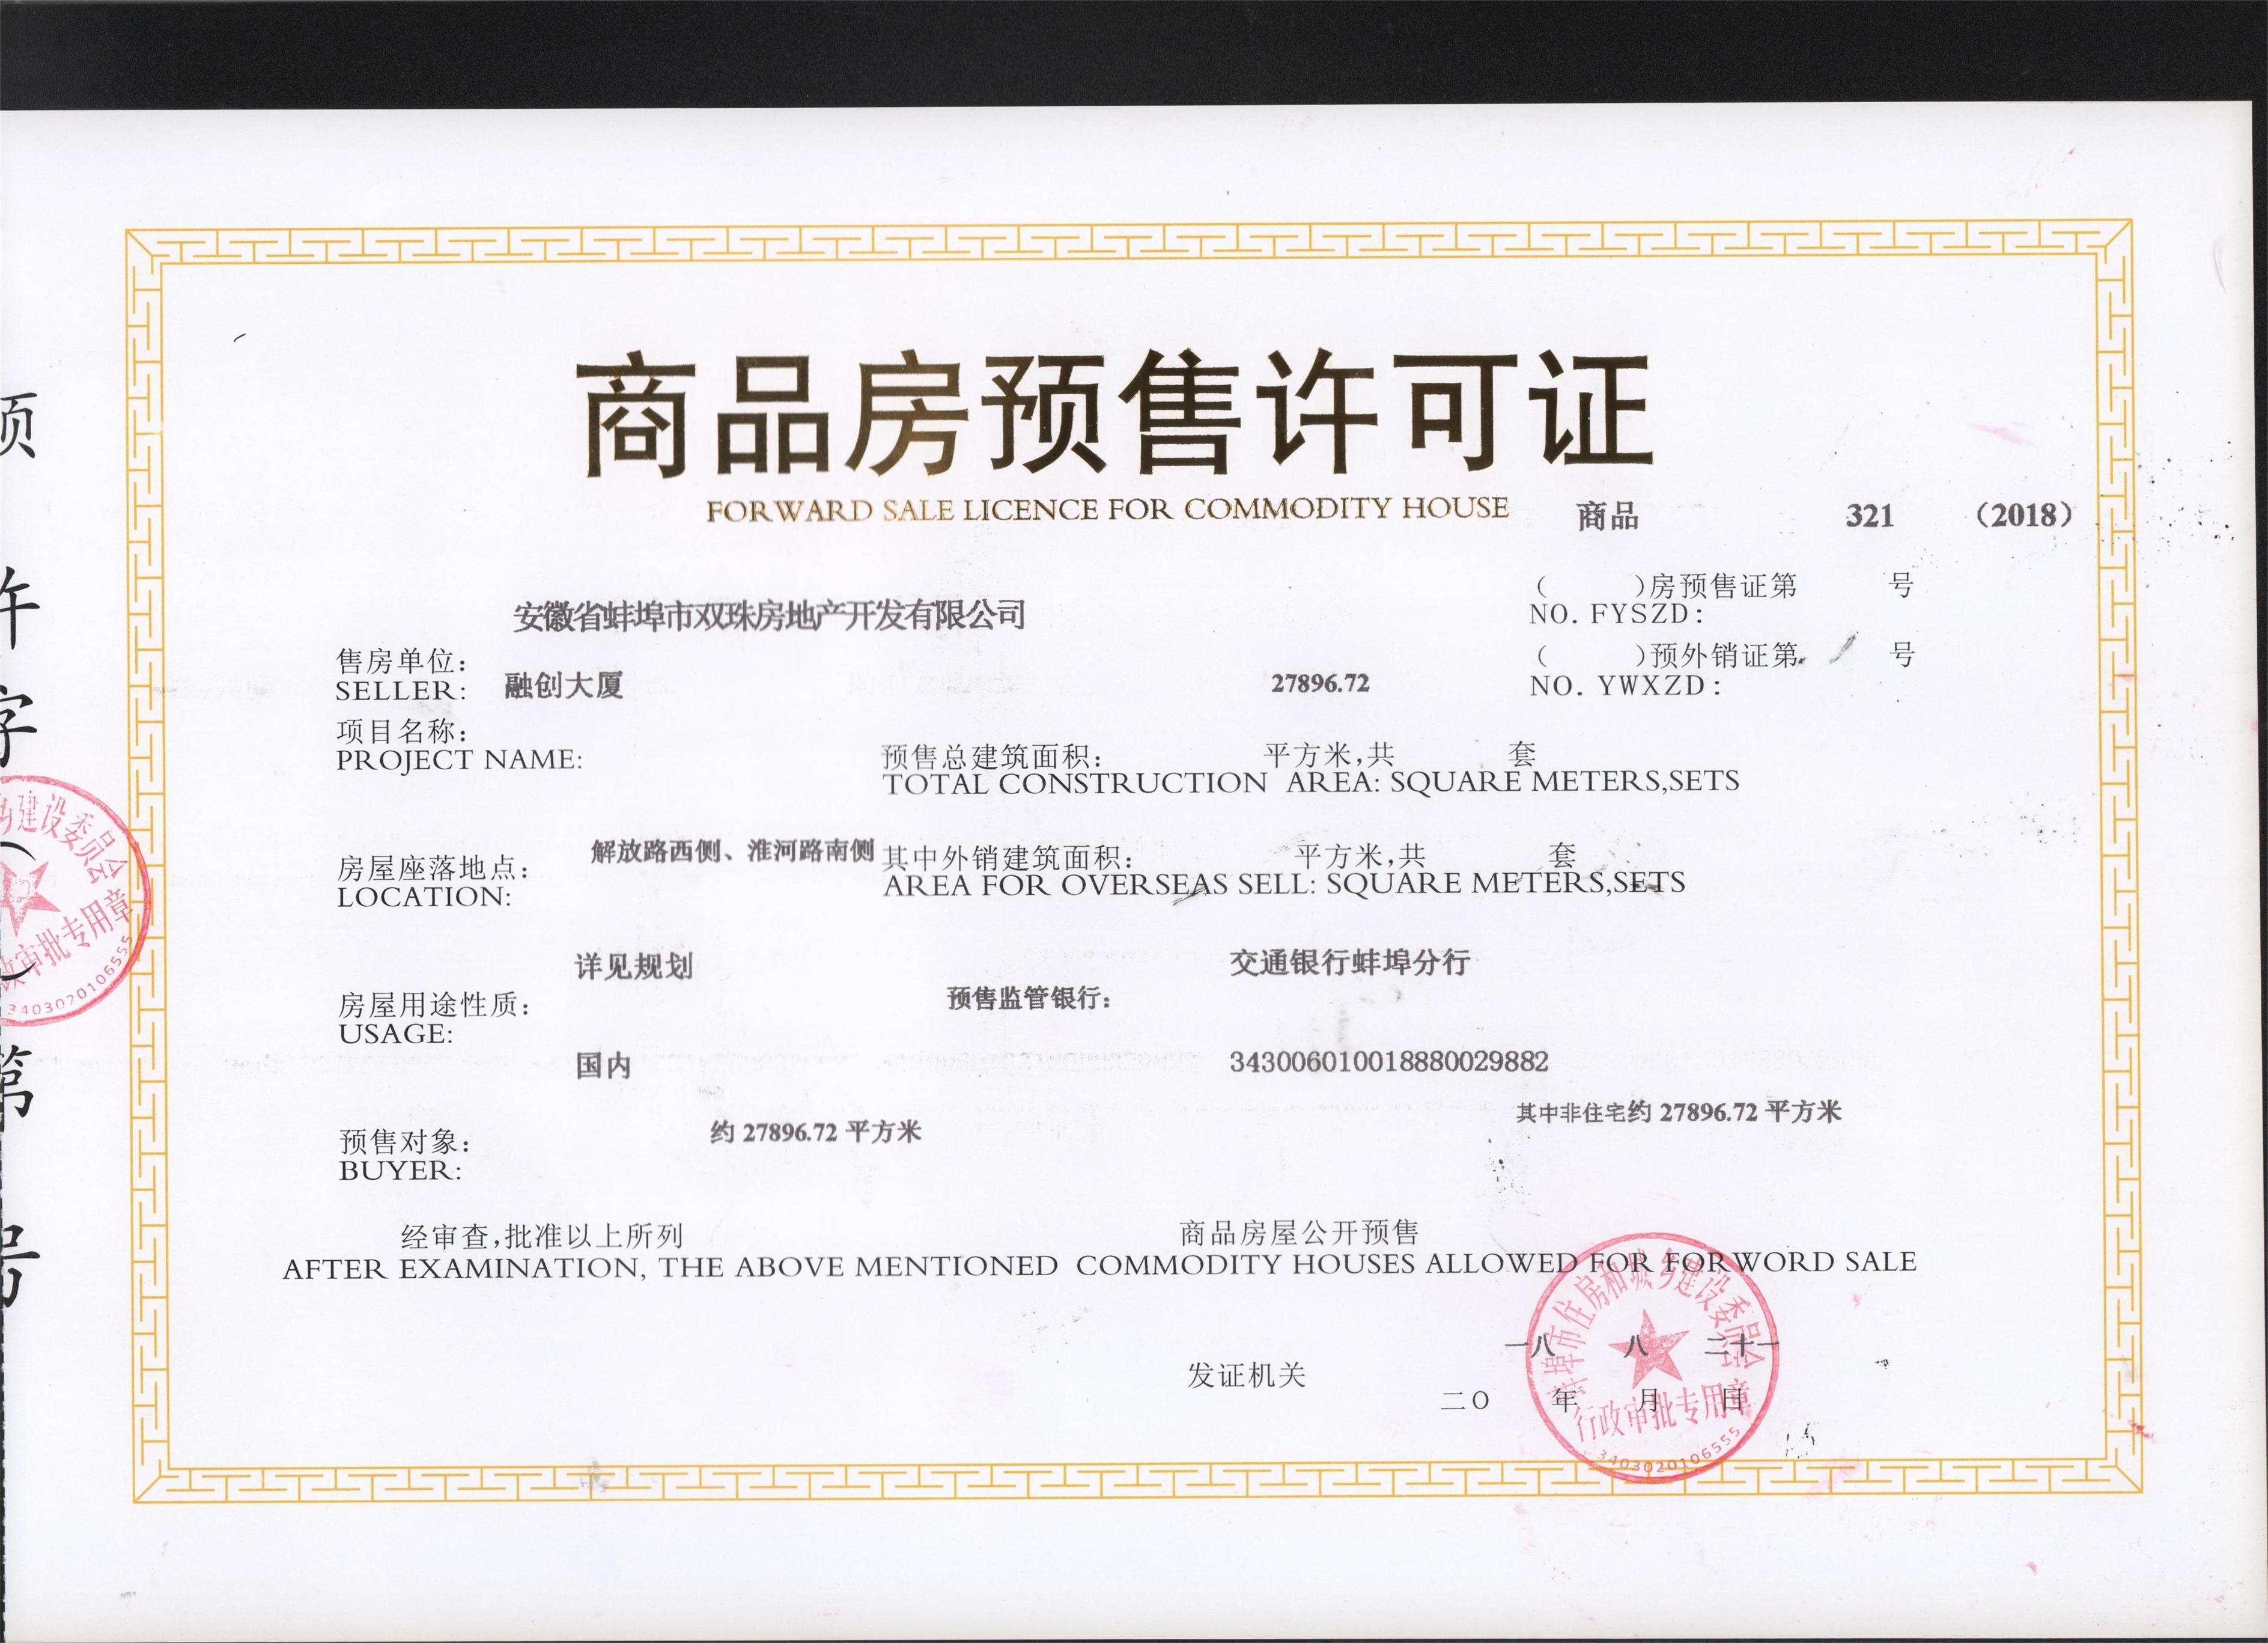 蚌埠新发出7张预售证 其中涉及新盘融创大厦项目